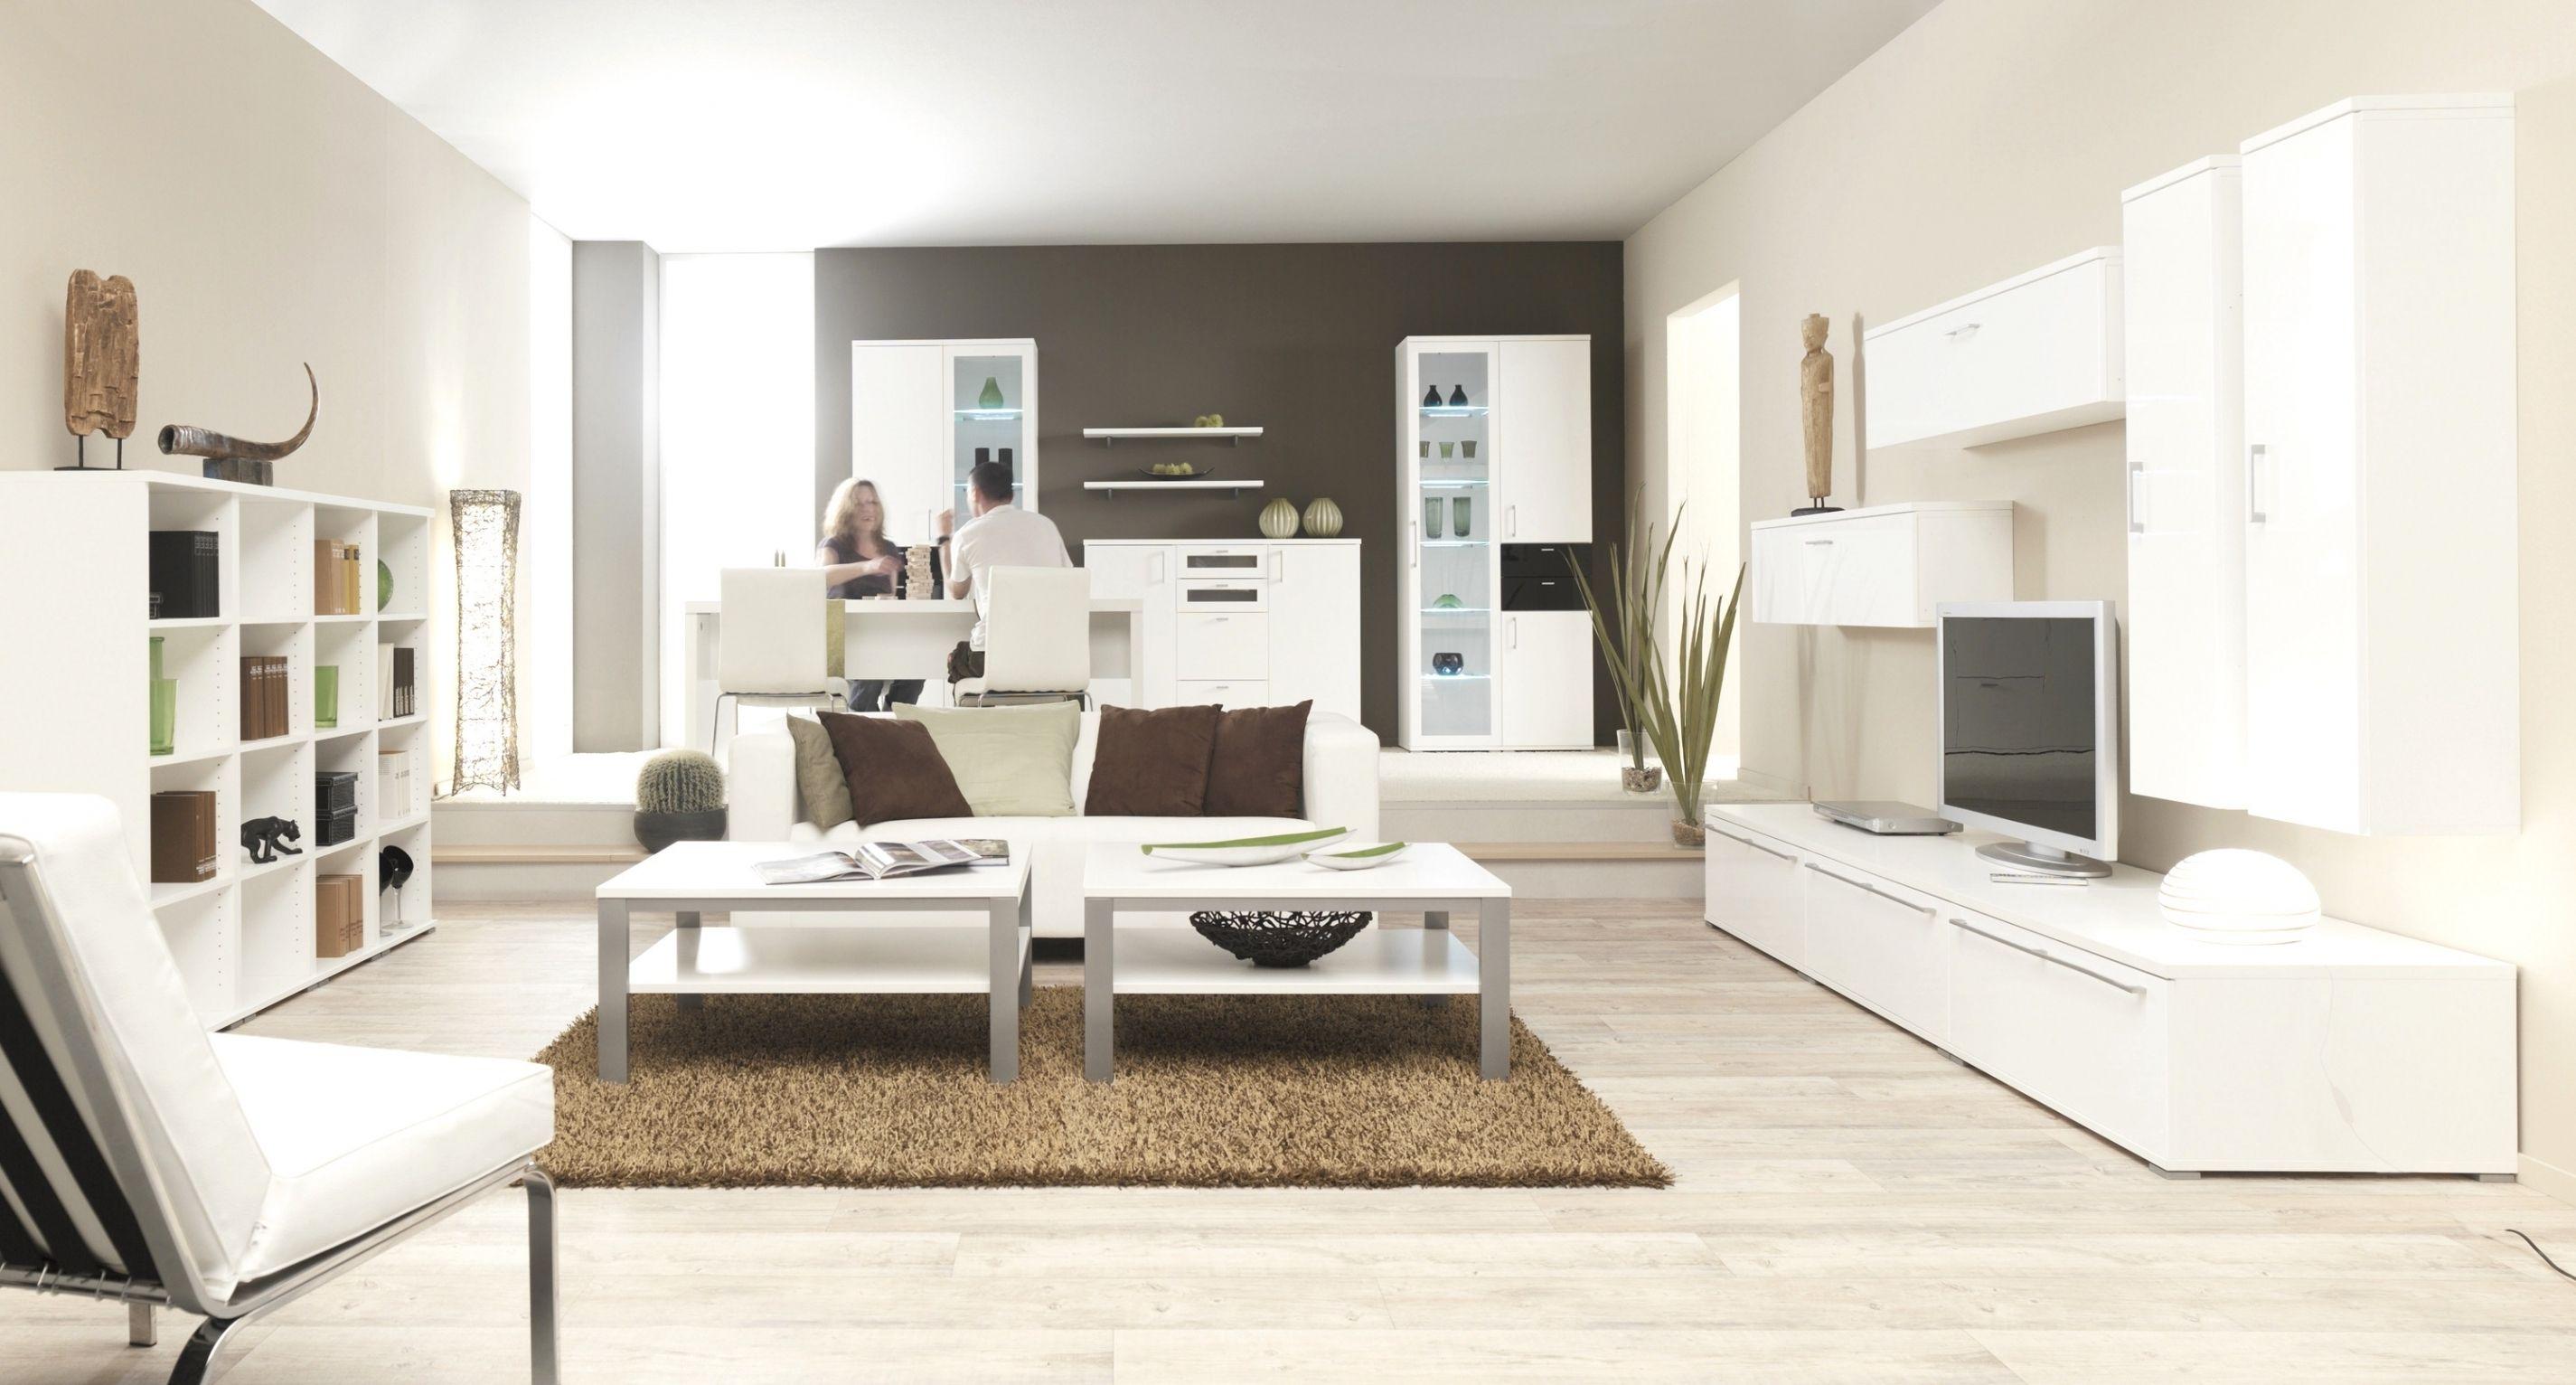 Lovely Wohnzimmer Einrichten Online Wohnzimmermobel Pinterest